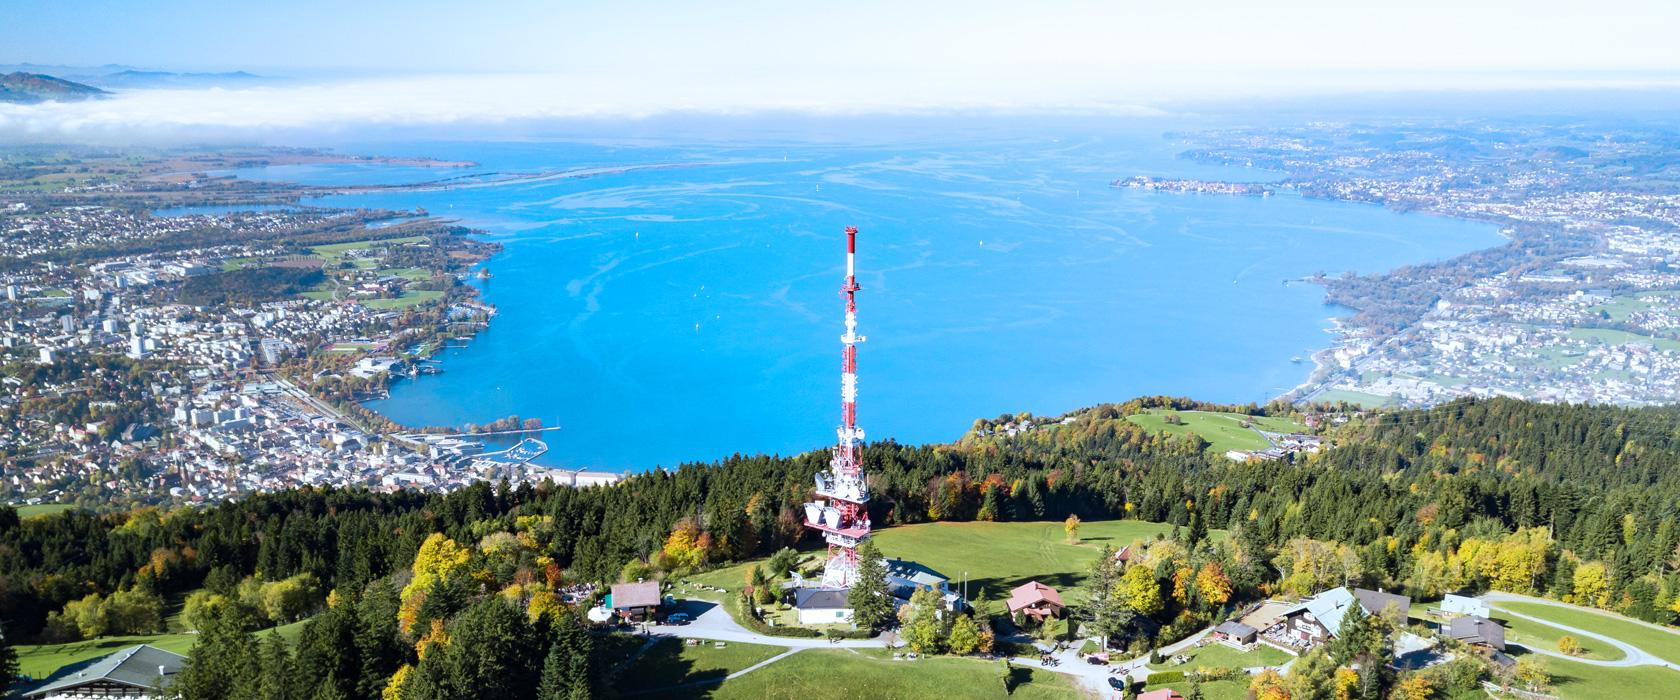 Mit einer Wasserfläche von 536 km² und einer Tiefe von über 250 m ist der Bodensee eines der größten Binnengewässer Europas und ein wahres Paradies für Wassersportler, Naturliebhaber und Aktivurlauber.